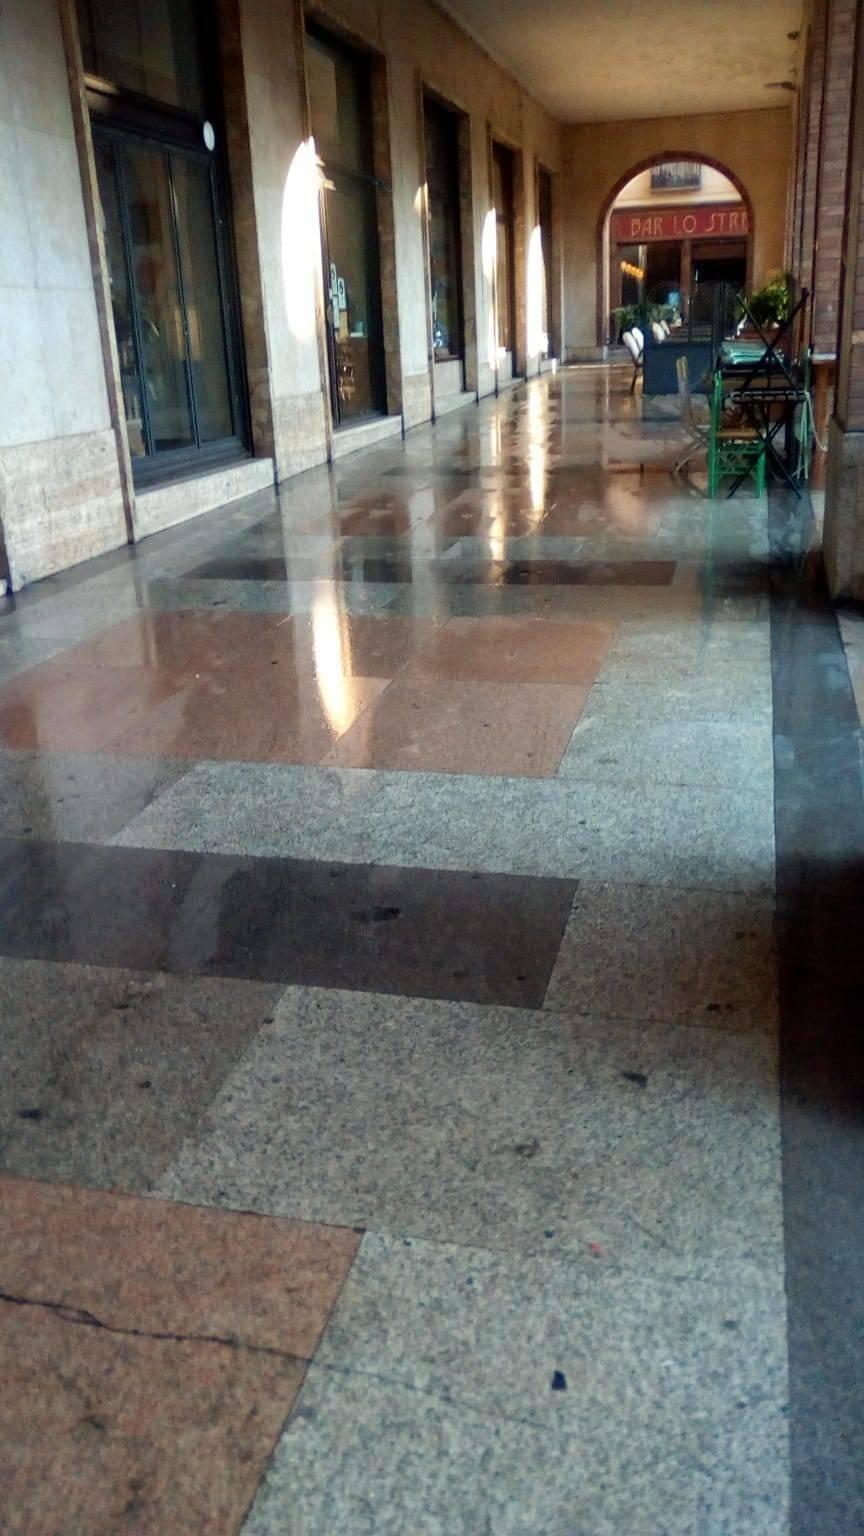 pulizia centro cittadino